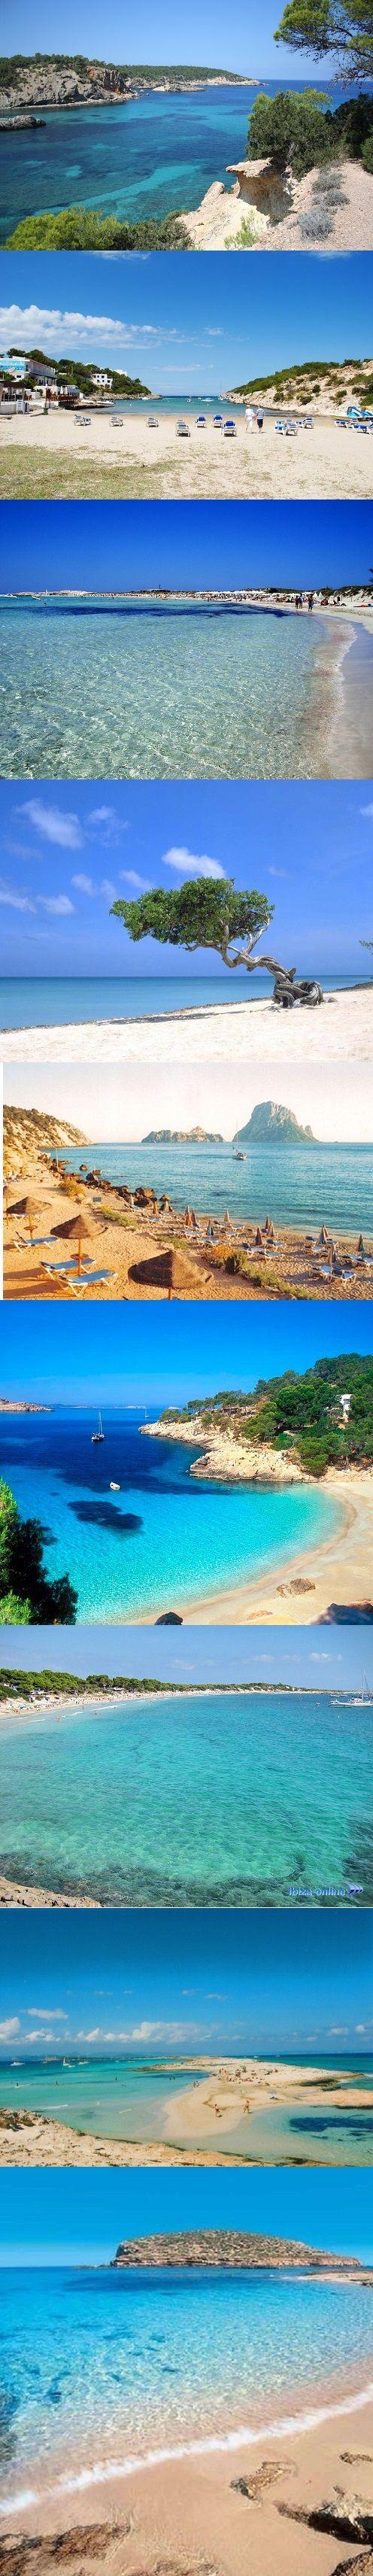 Ibiza ist mehr als eine Partyinsel. Herrliche Strände und viele ruhige Orte findet man dort auch.